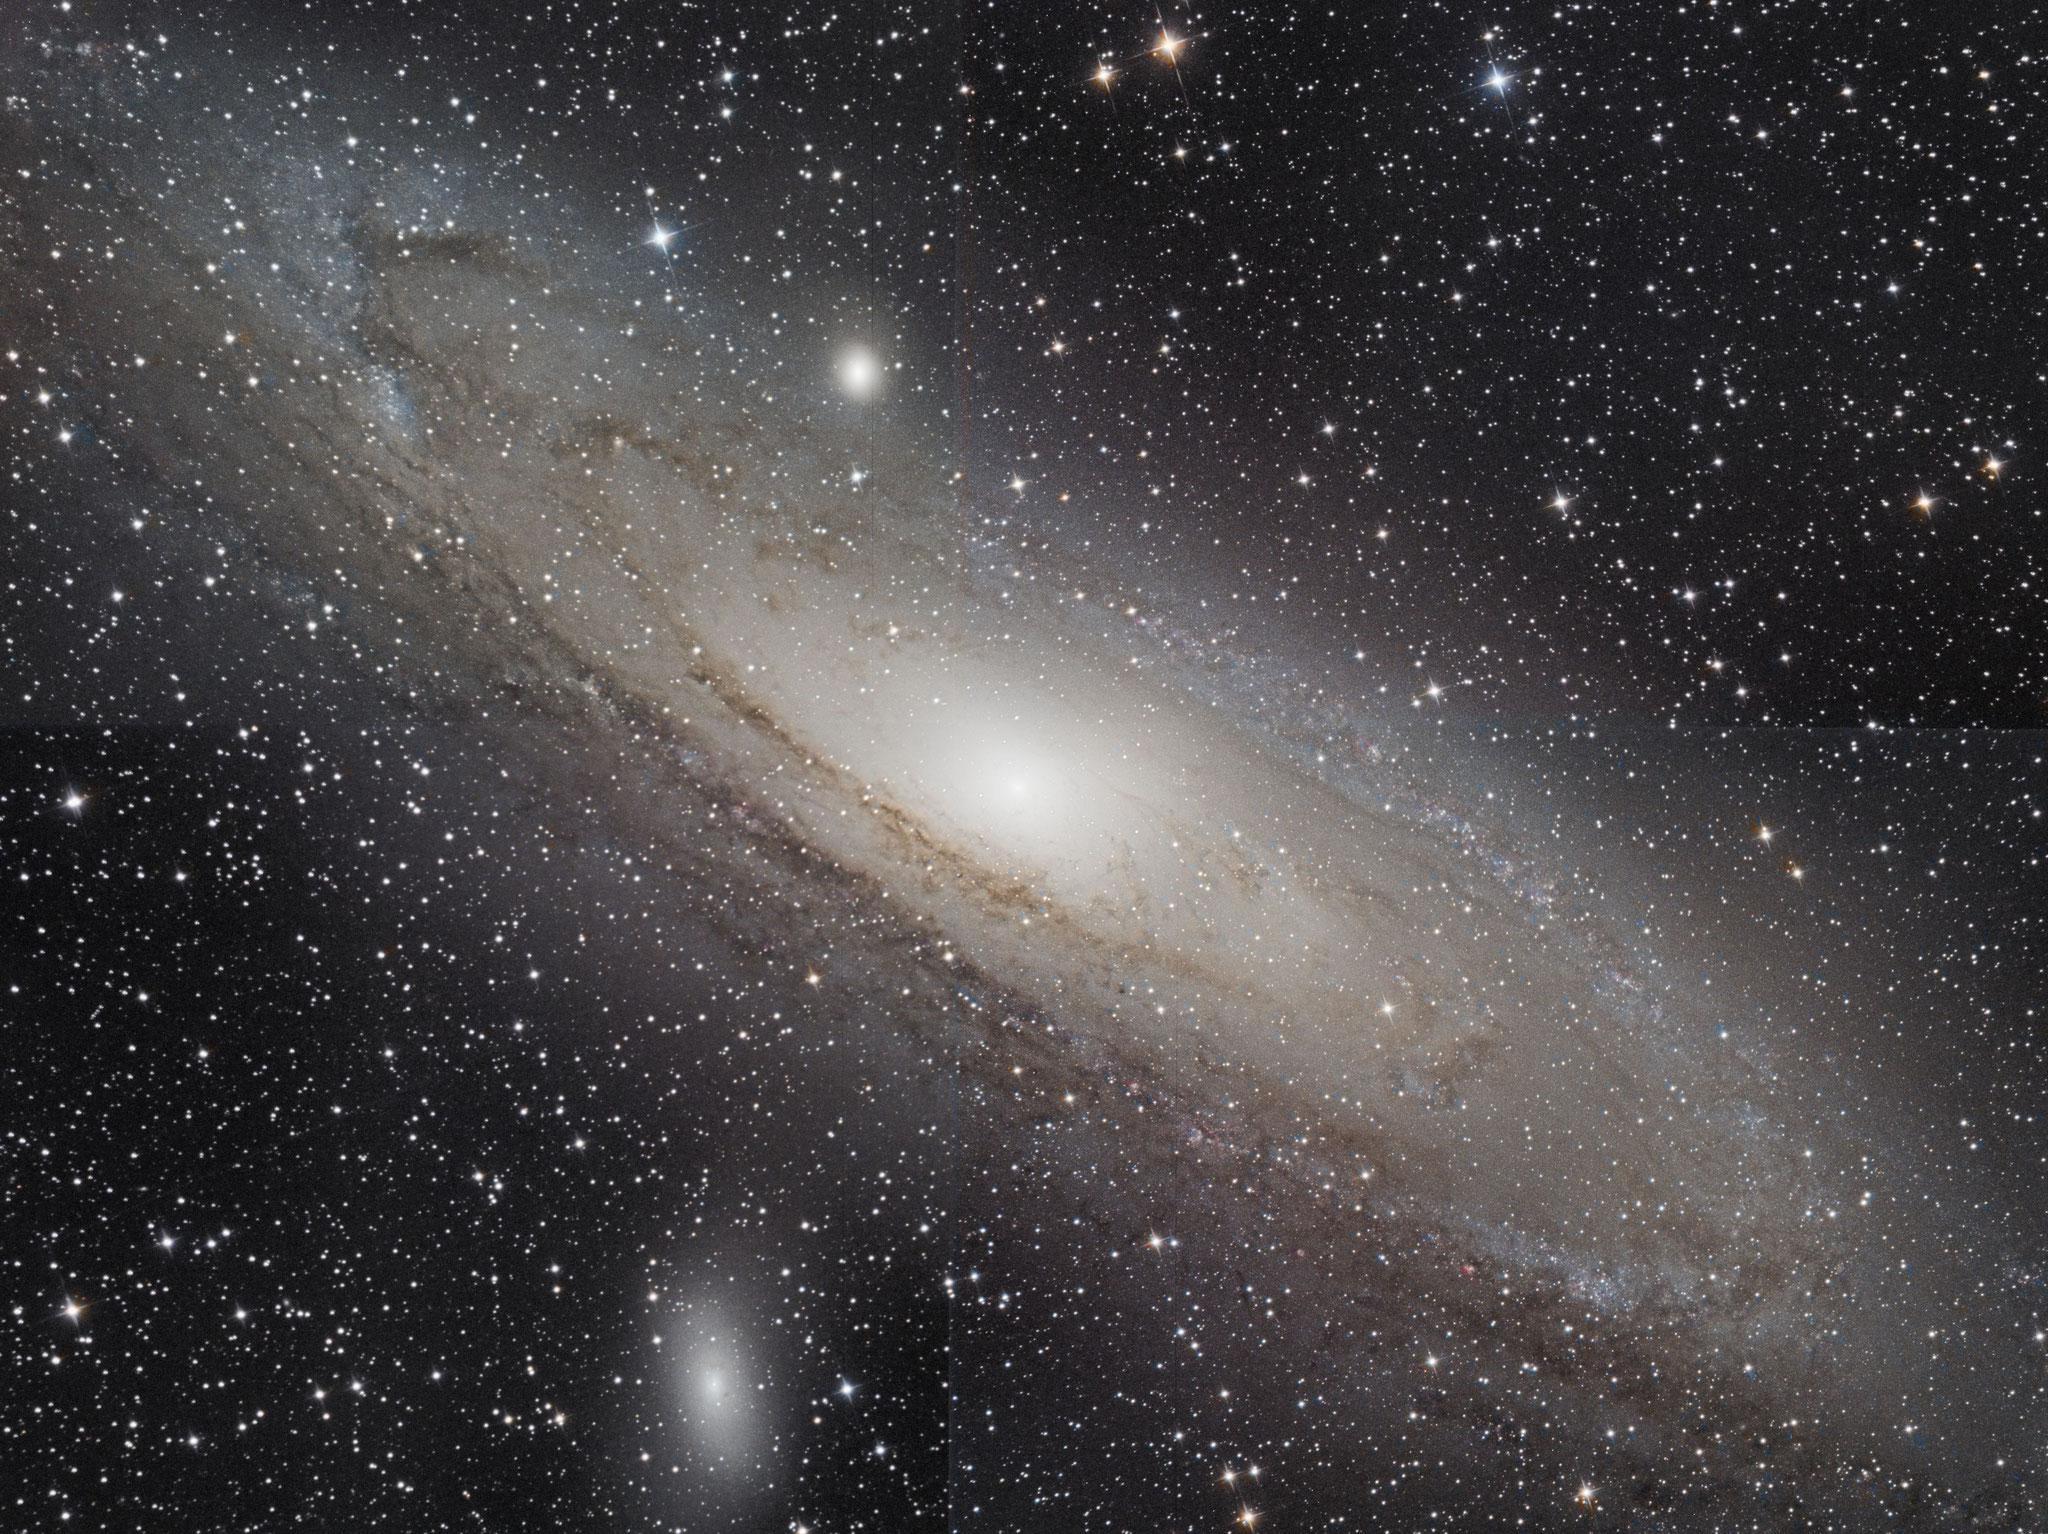 M31, mosaïque de 4 images, Ha (7x10min), L (10x5 min), RVB (10x3 min chaque), 9 octobre 2016 Gilles